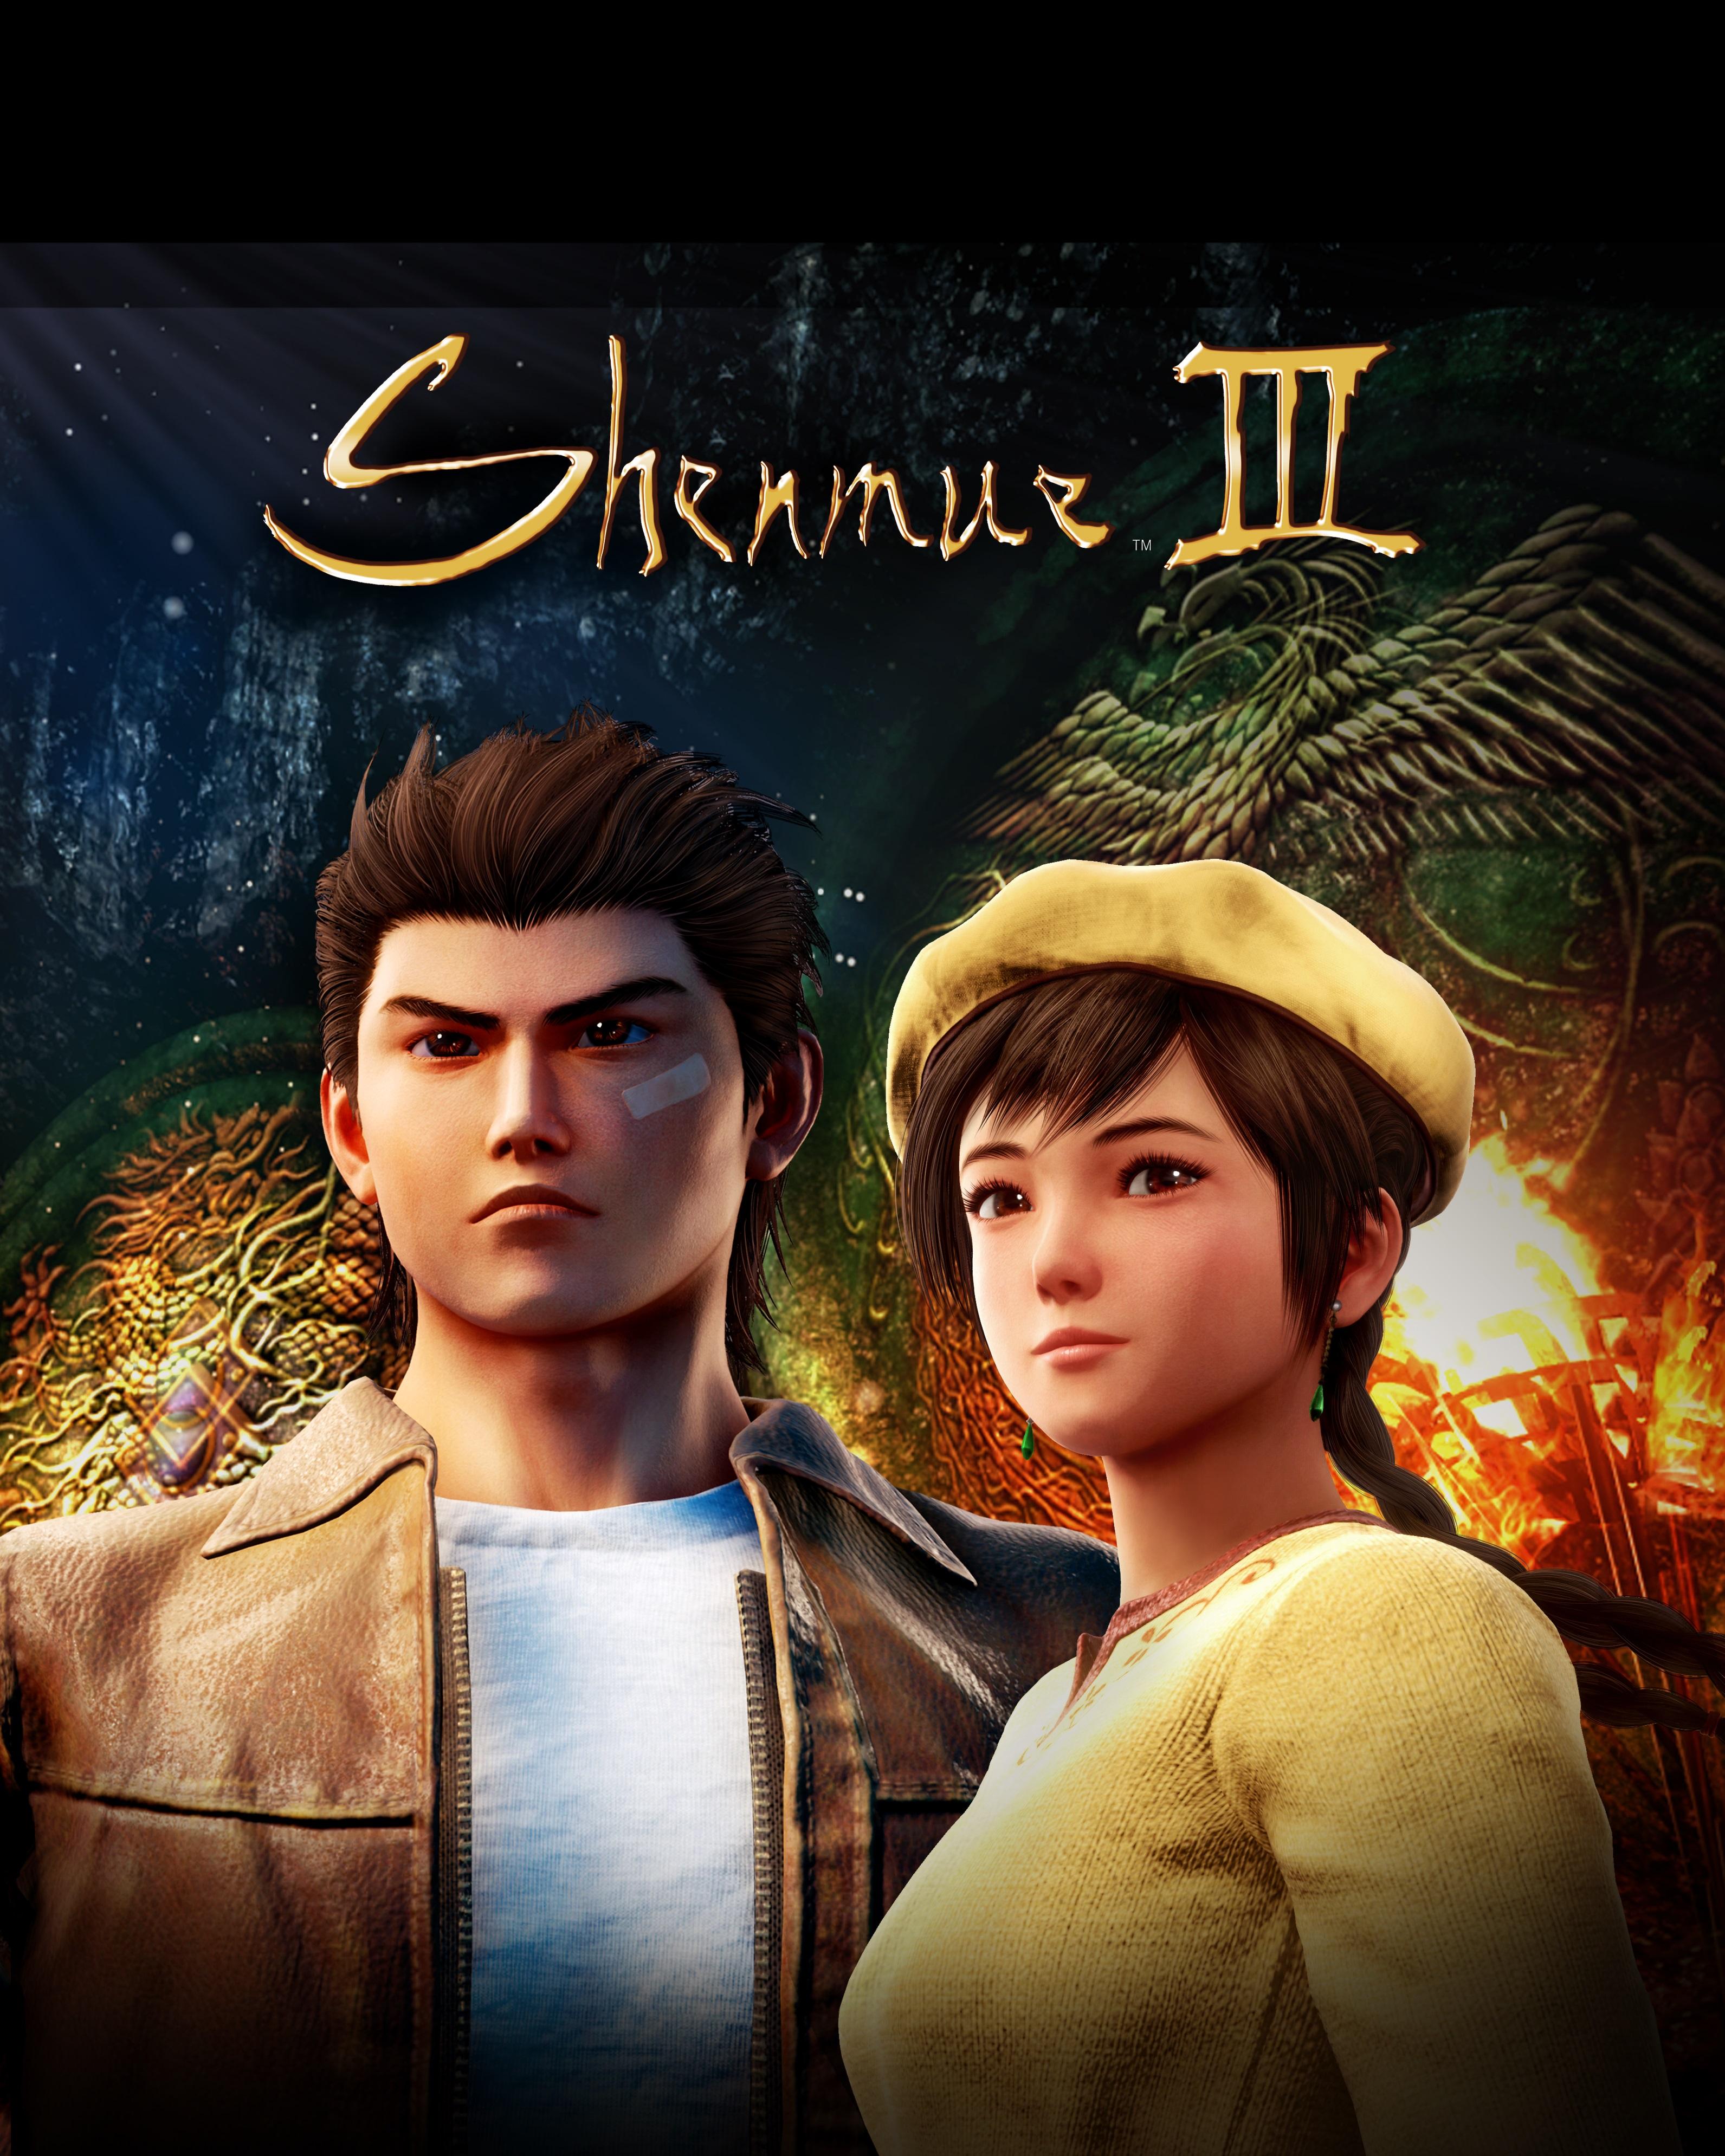 Shenmue III - Ys Net